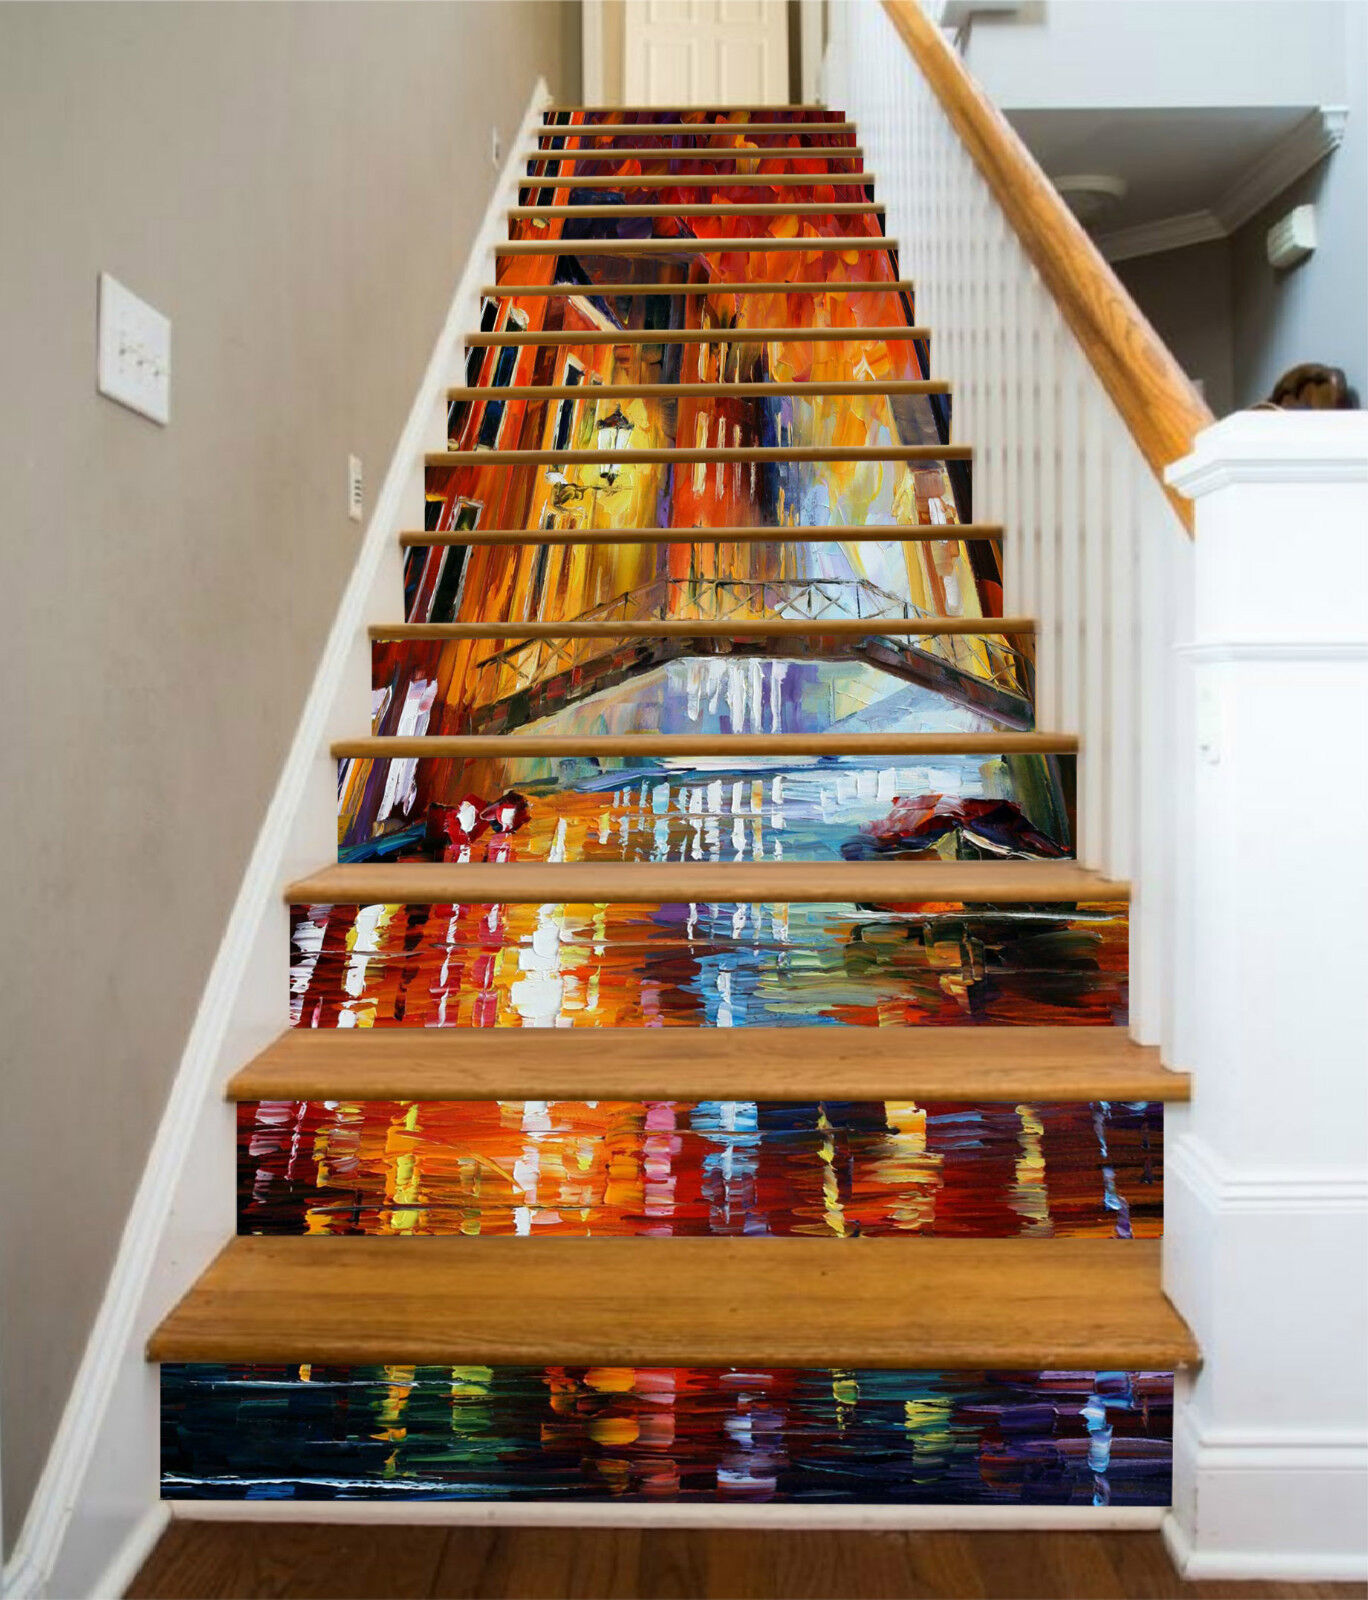 3D Stadt Malerei 48 Stair Risers Dekoration Fototapete Vinyl Aufkleber Tapete DE